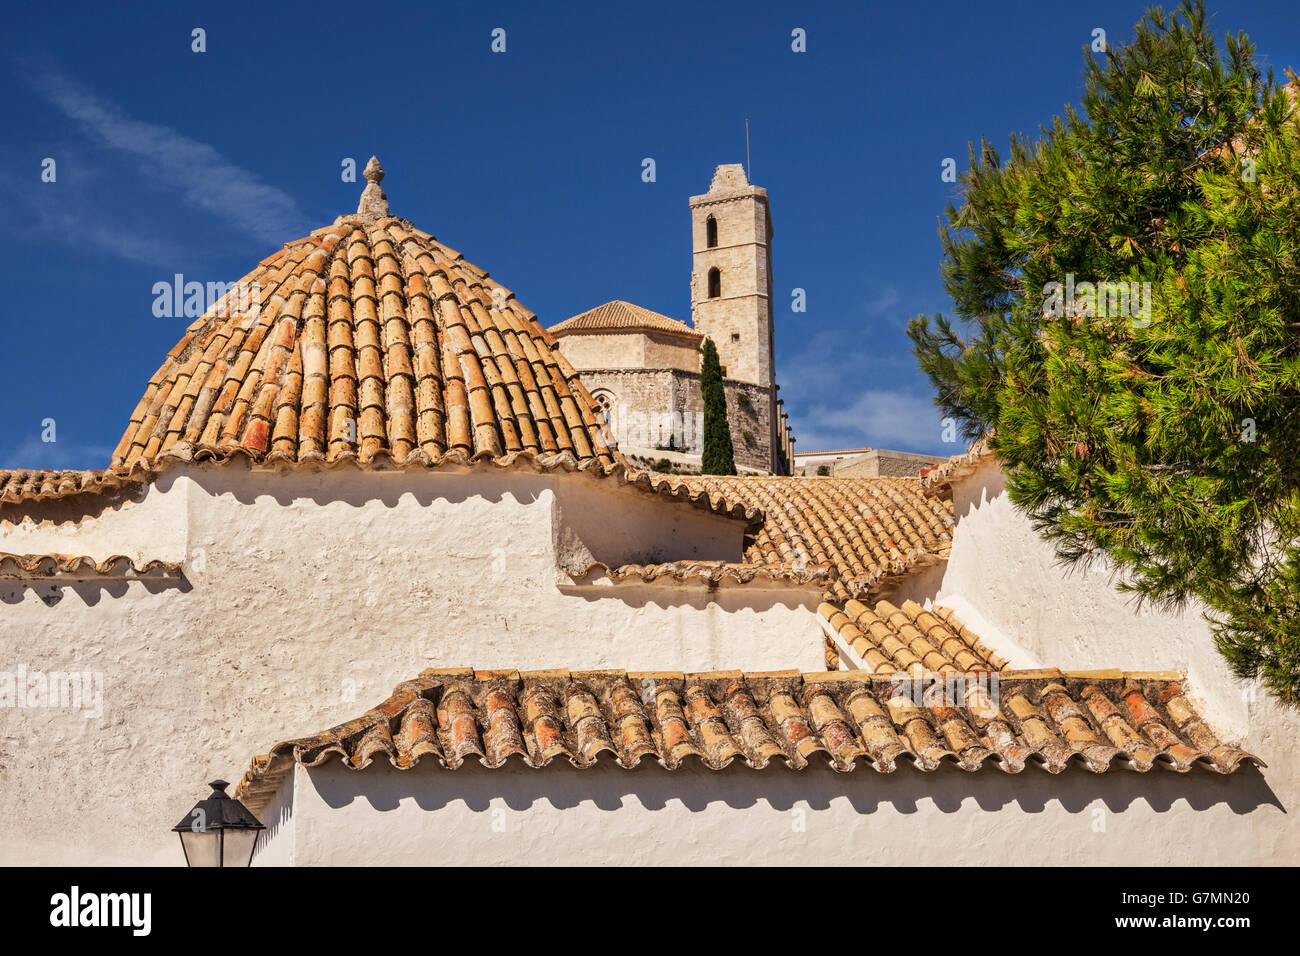 Tejados de Dalt Vila, la parte vieja de la ciudad de Ibiza, dominado por la Catedral, Ibiza, España. Imagen De Stock